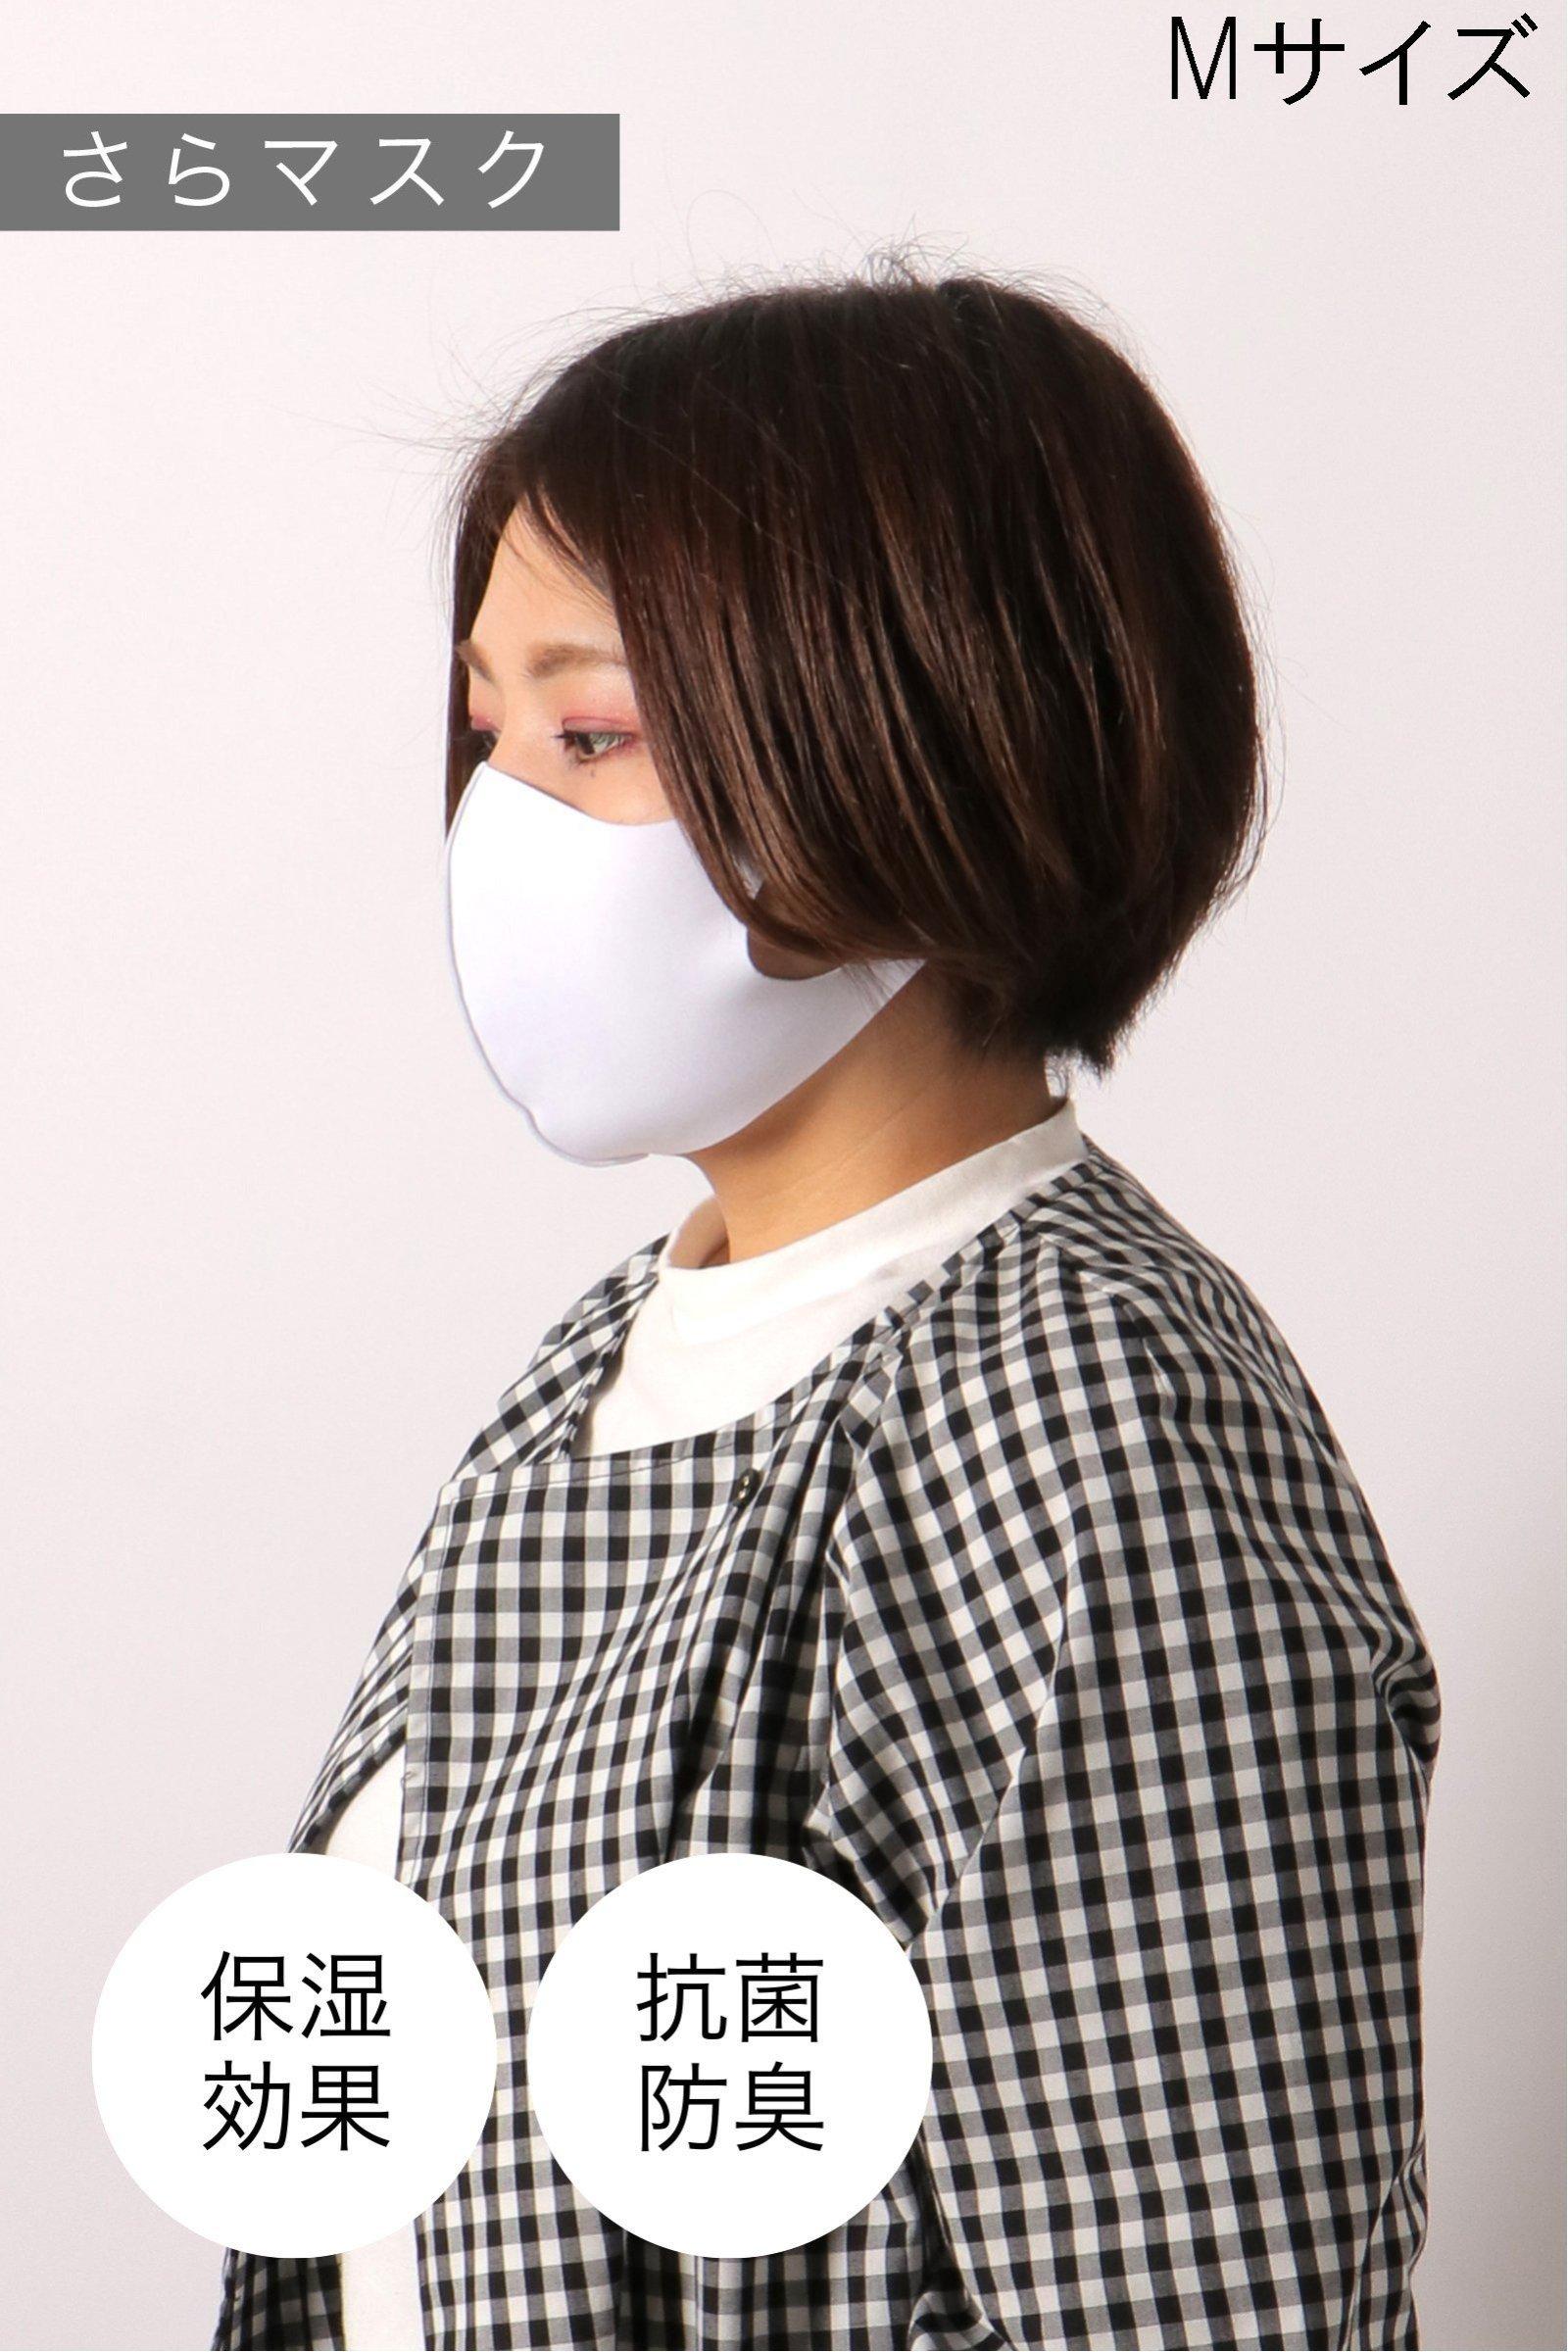 【おとな用】 さらマスク ホワイト